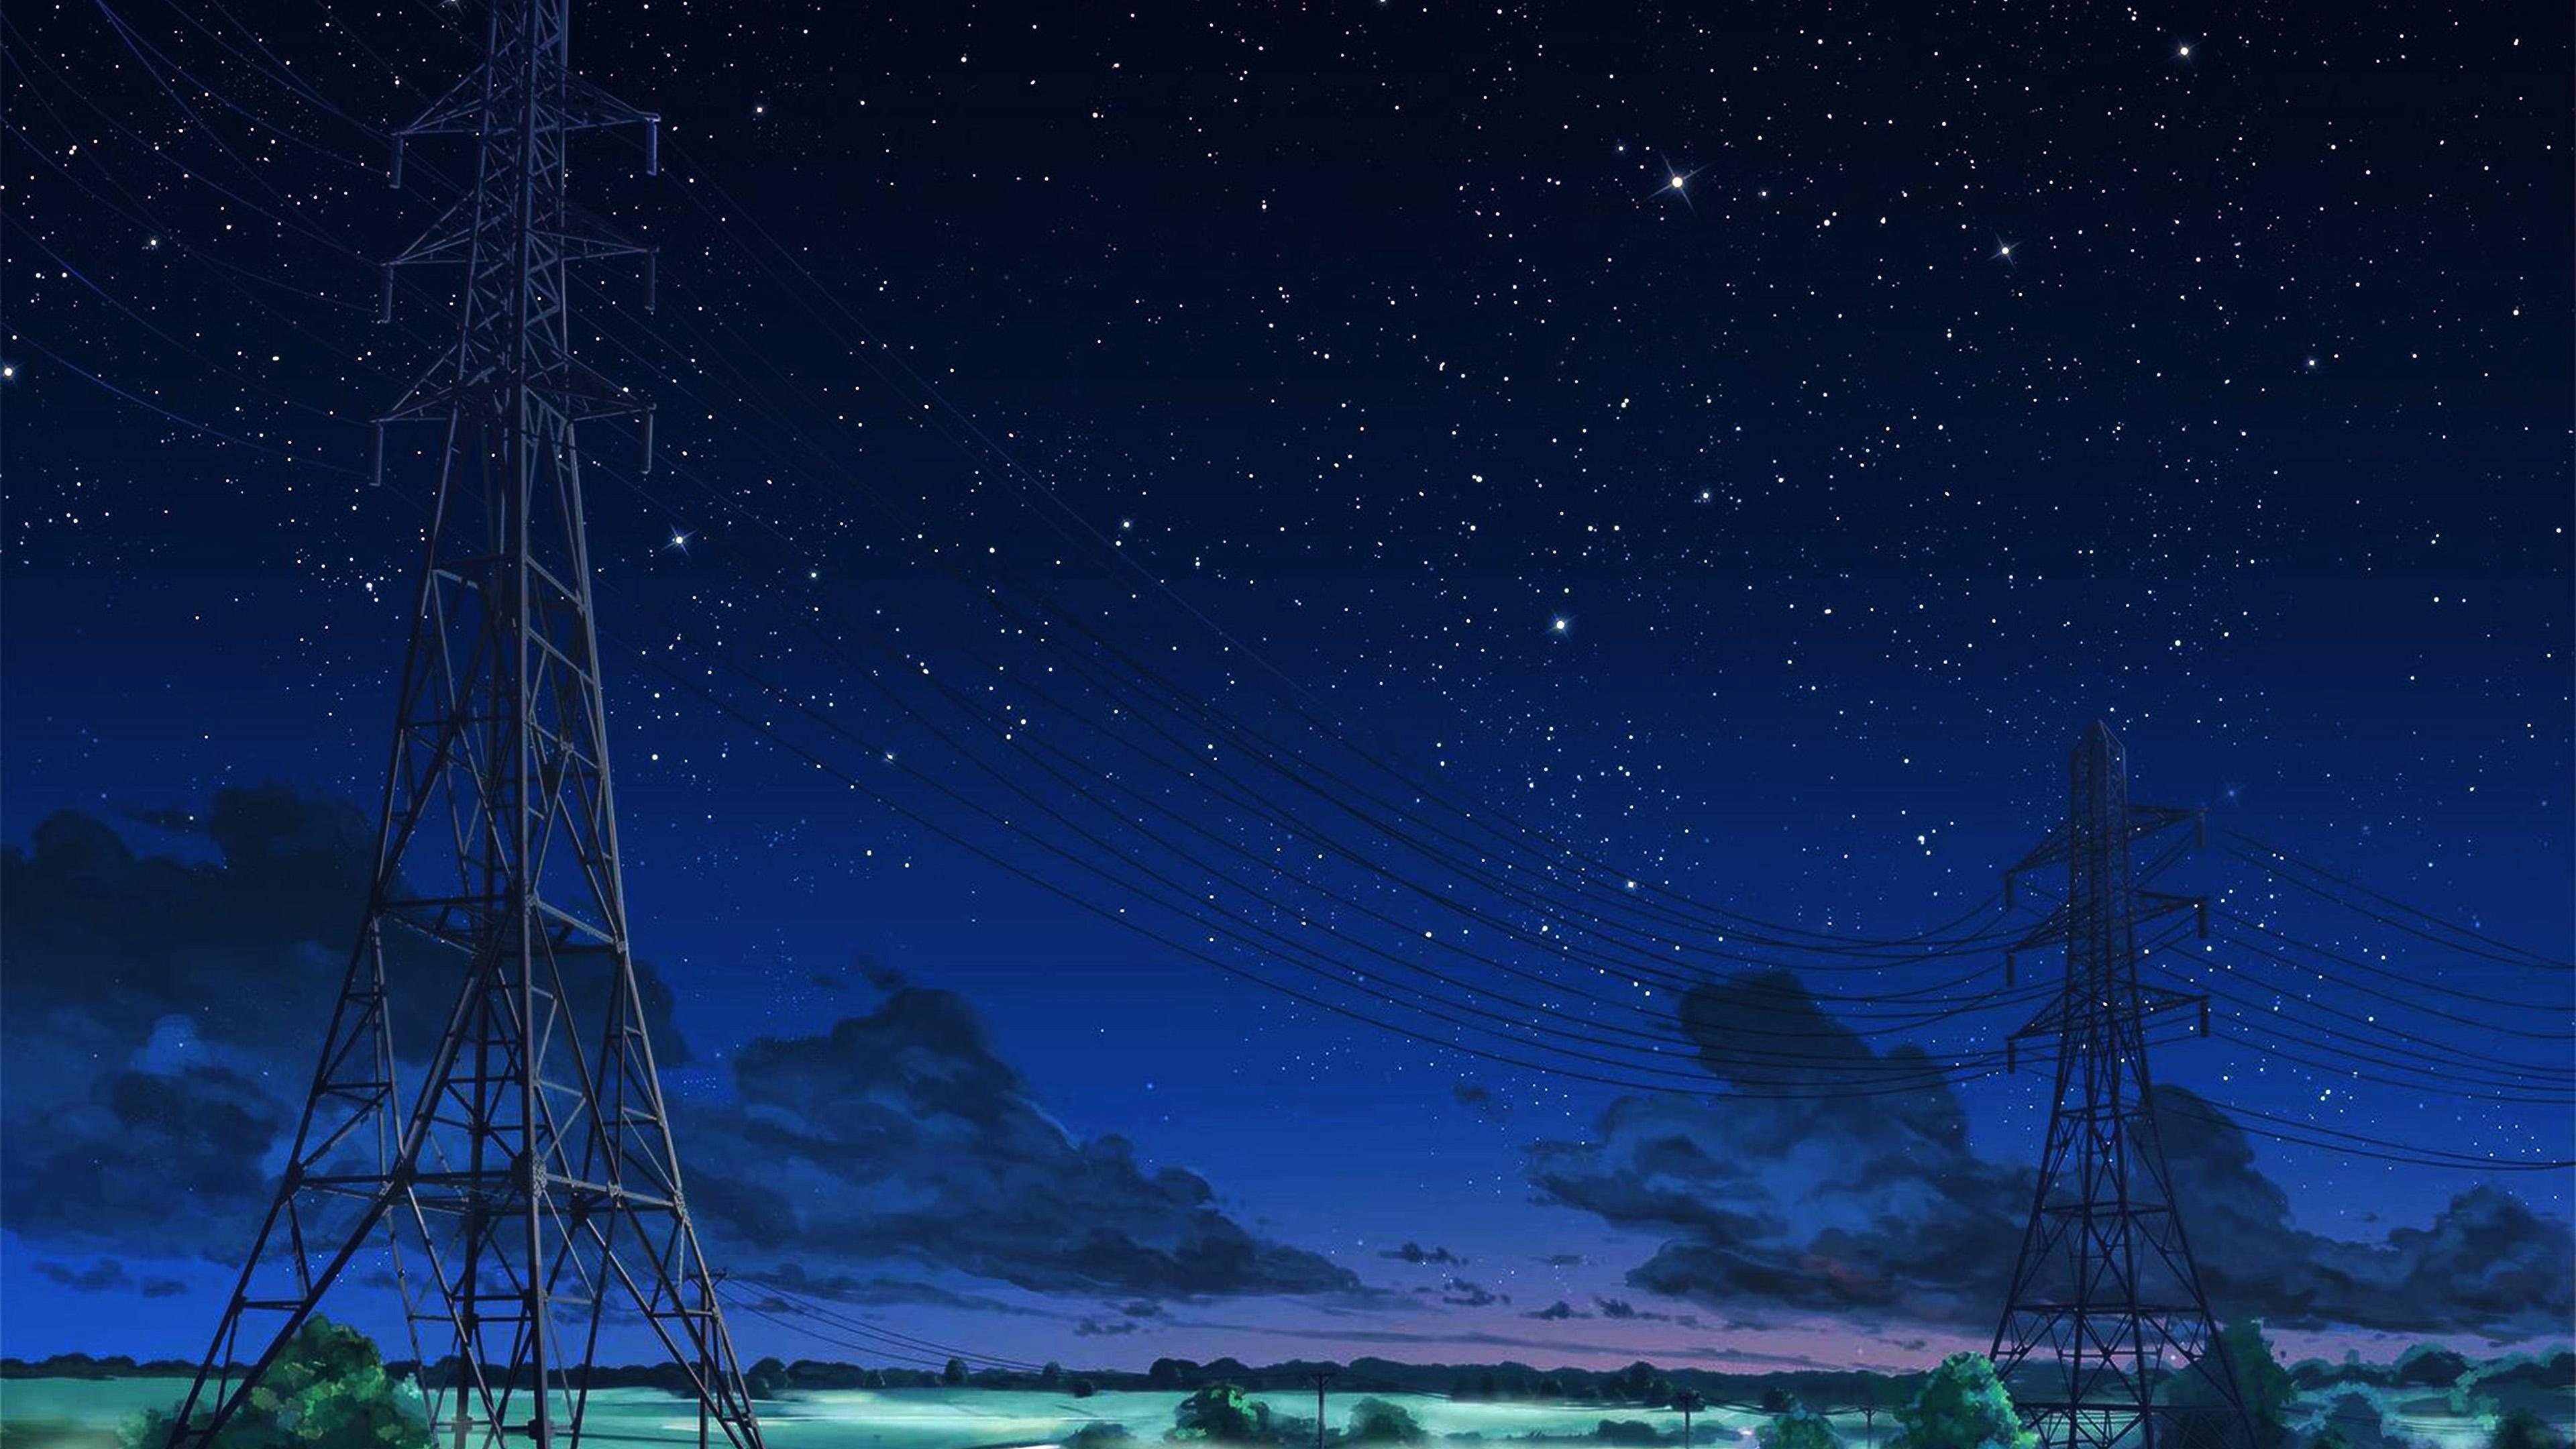 15+ Anime Wallpaper 4k Dark - Anime Wallpaper